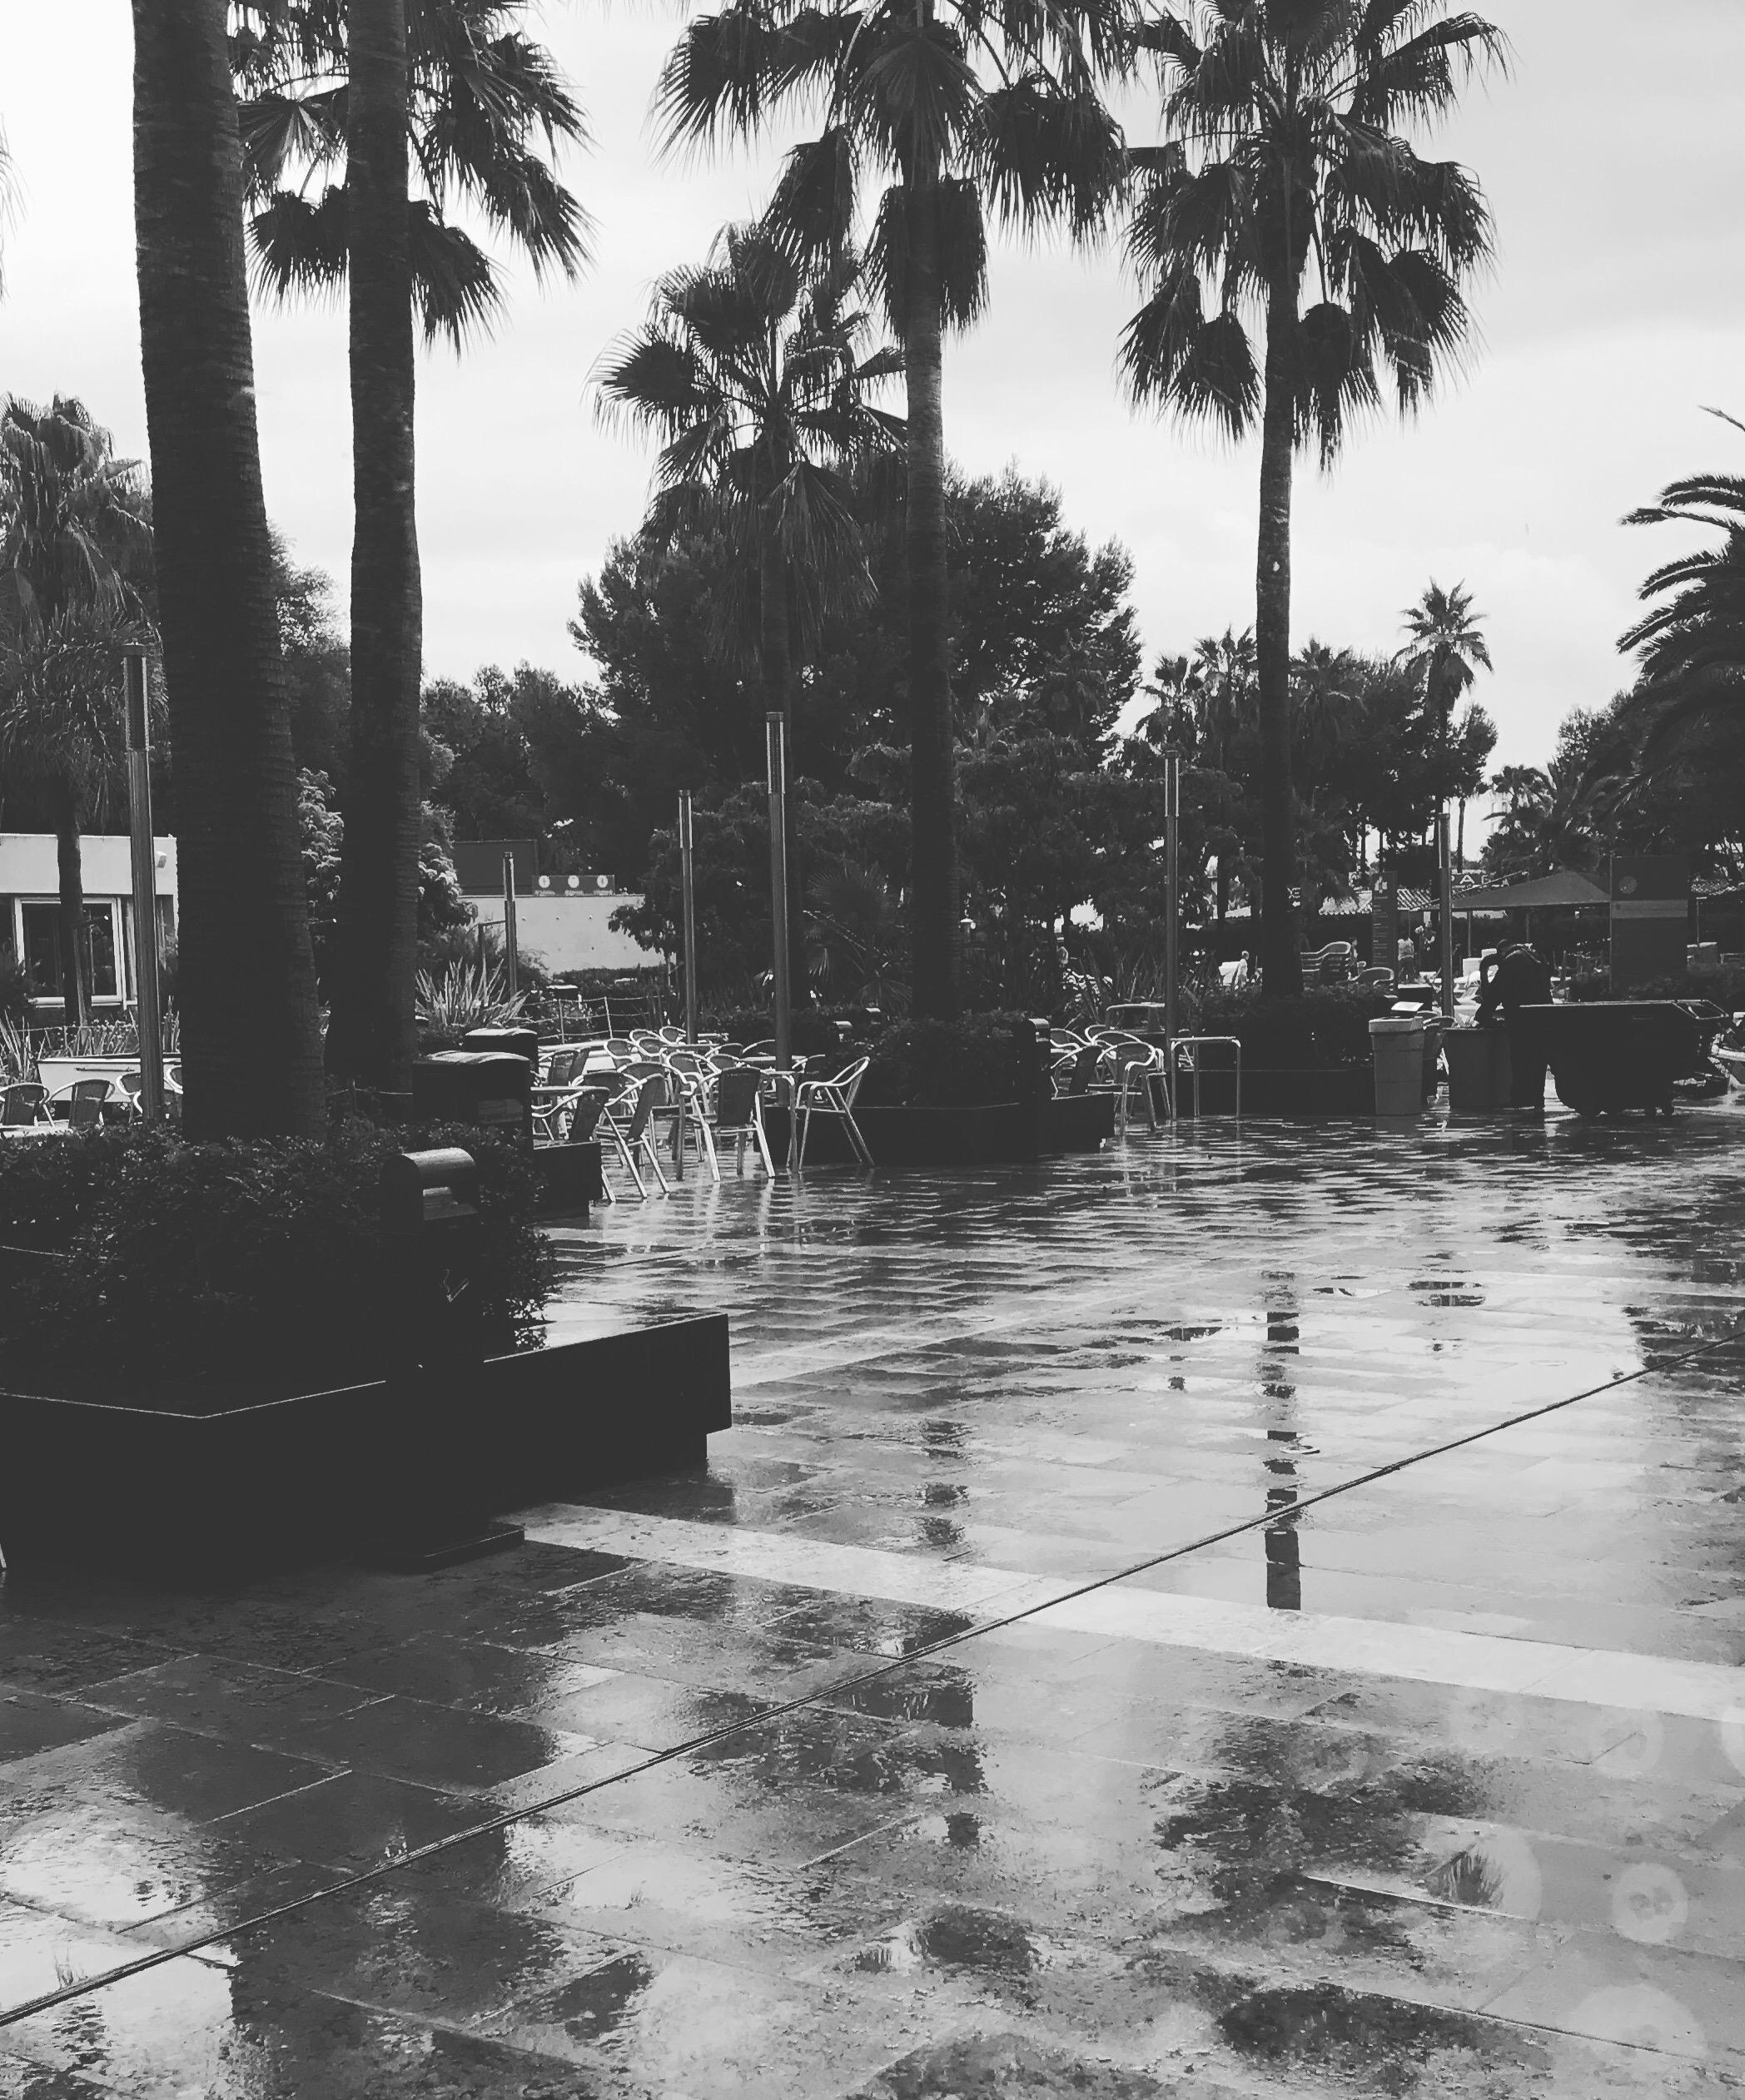 Spain In The Rain